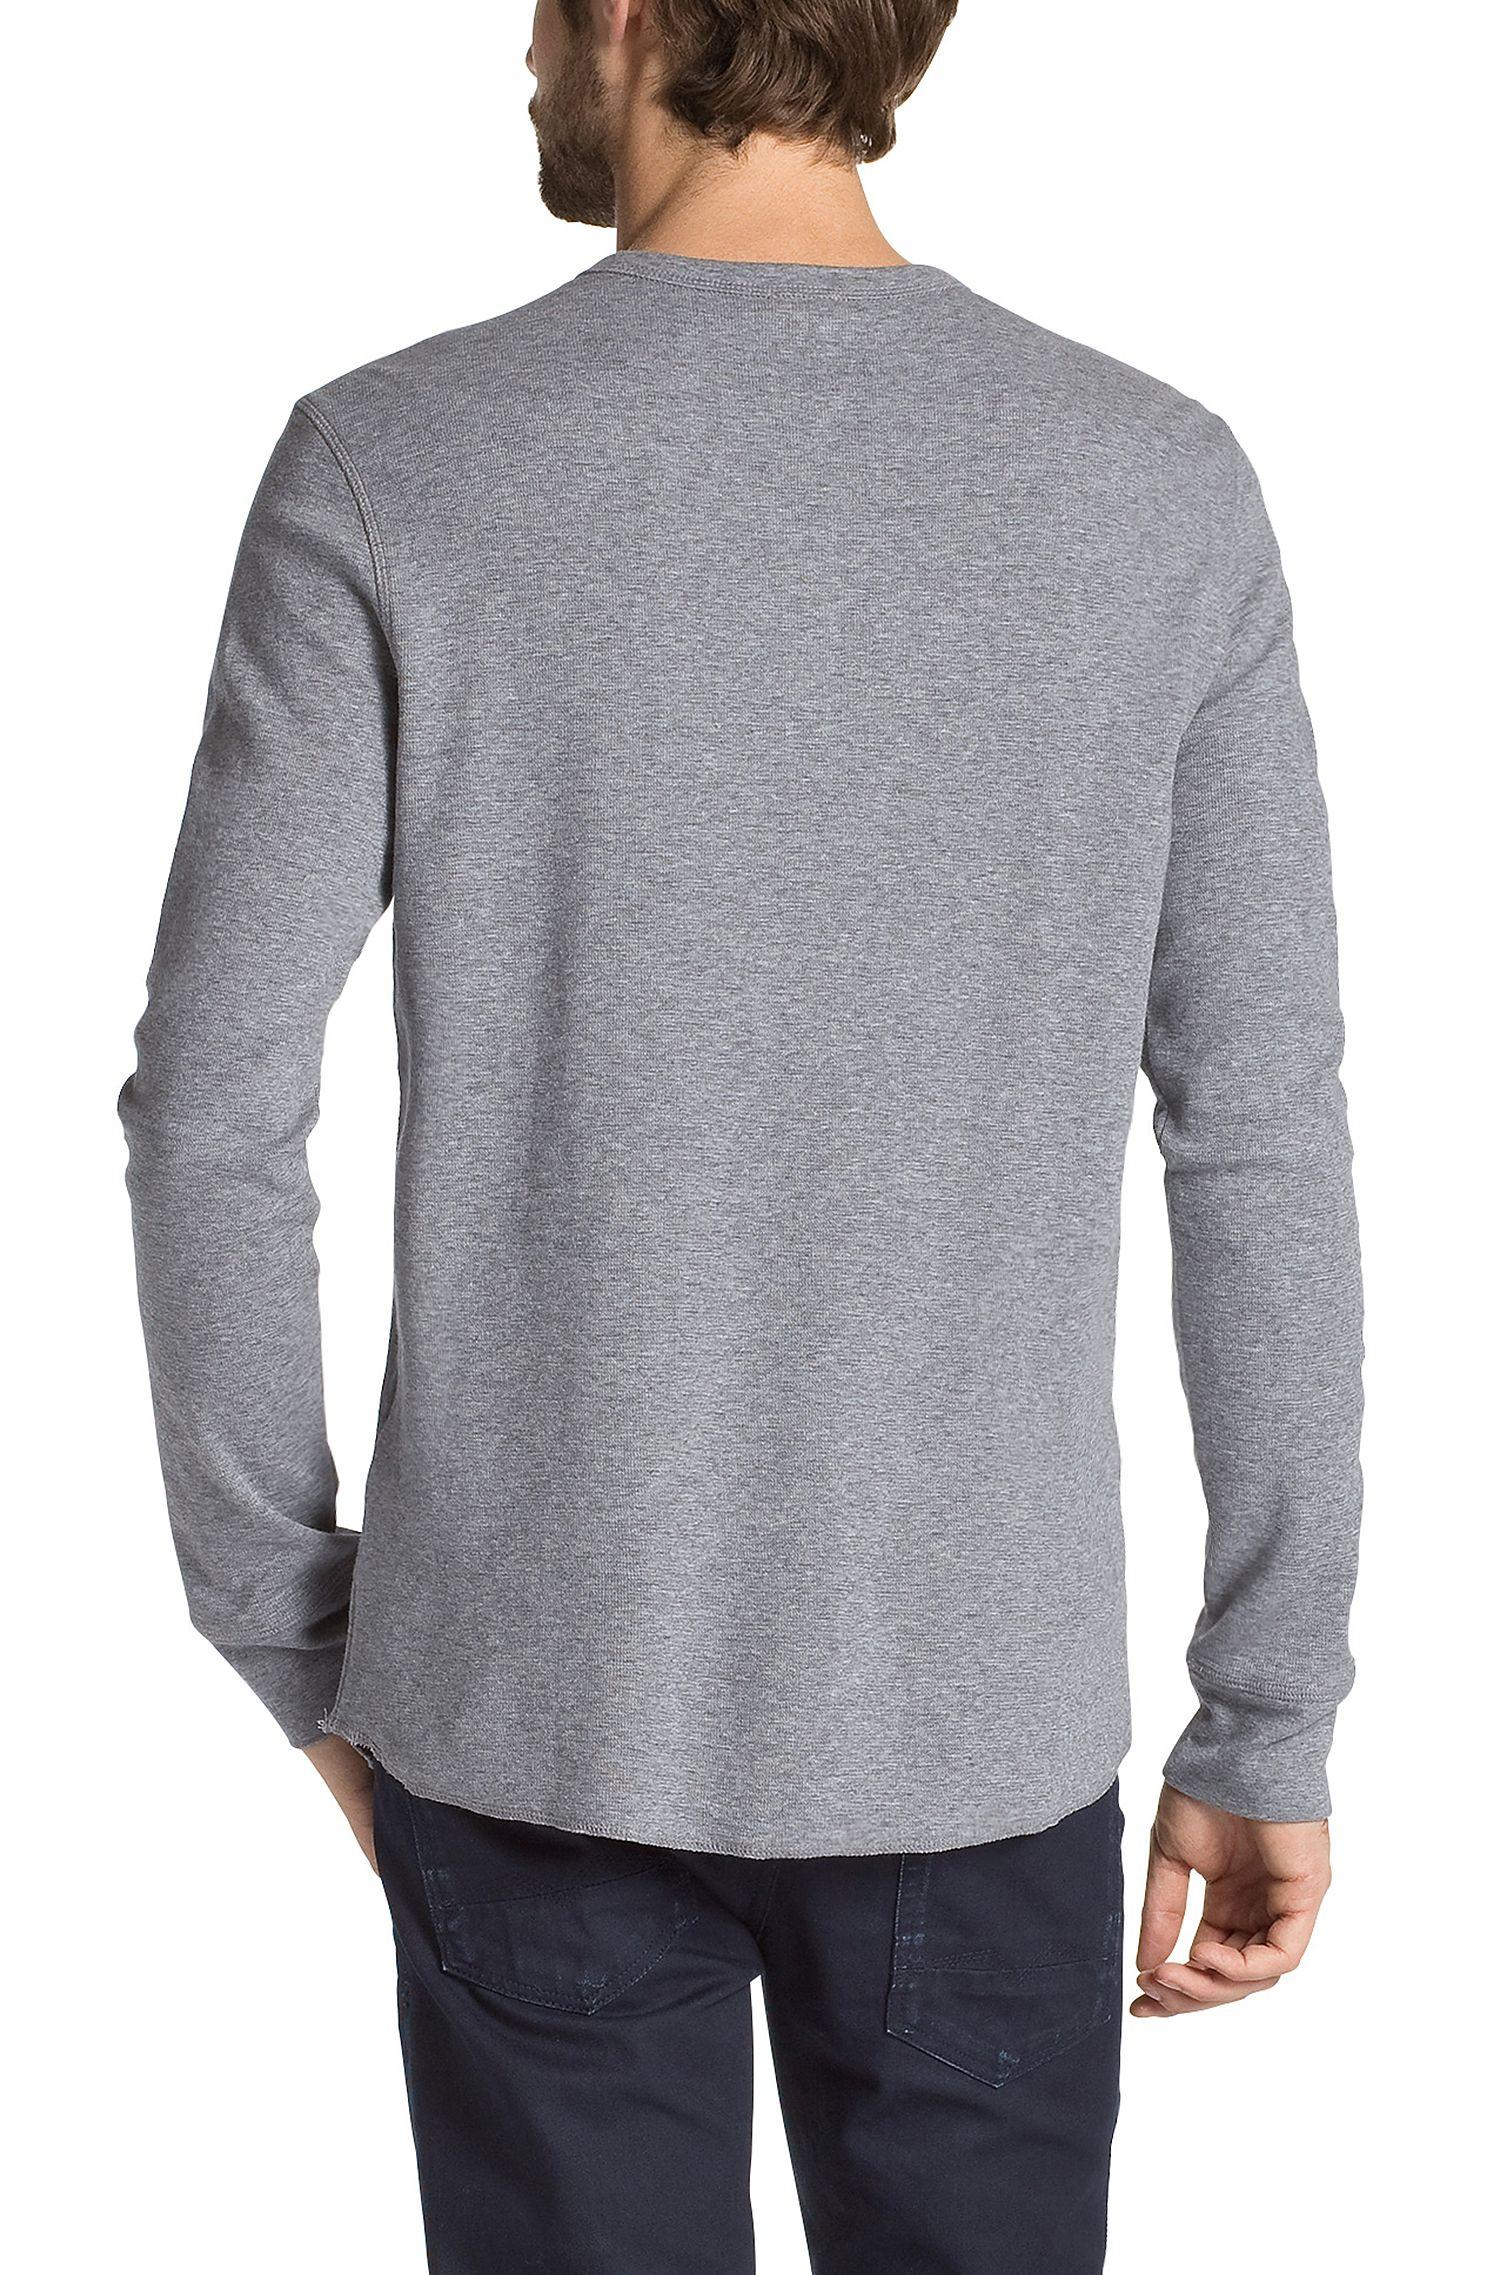 T-shirt à manches longues, coton mélangé, Trukk